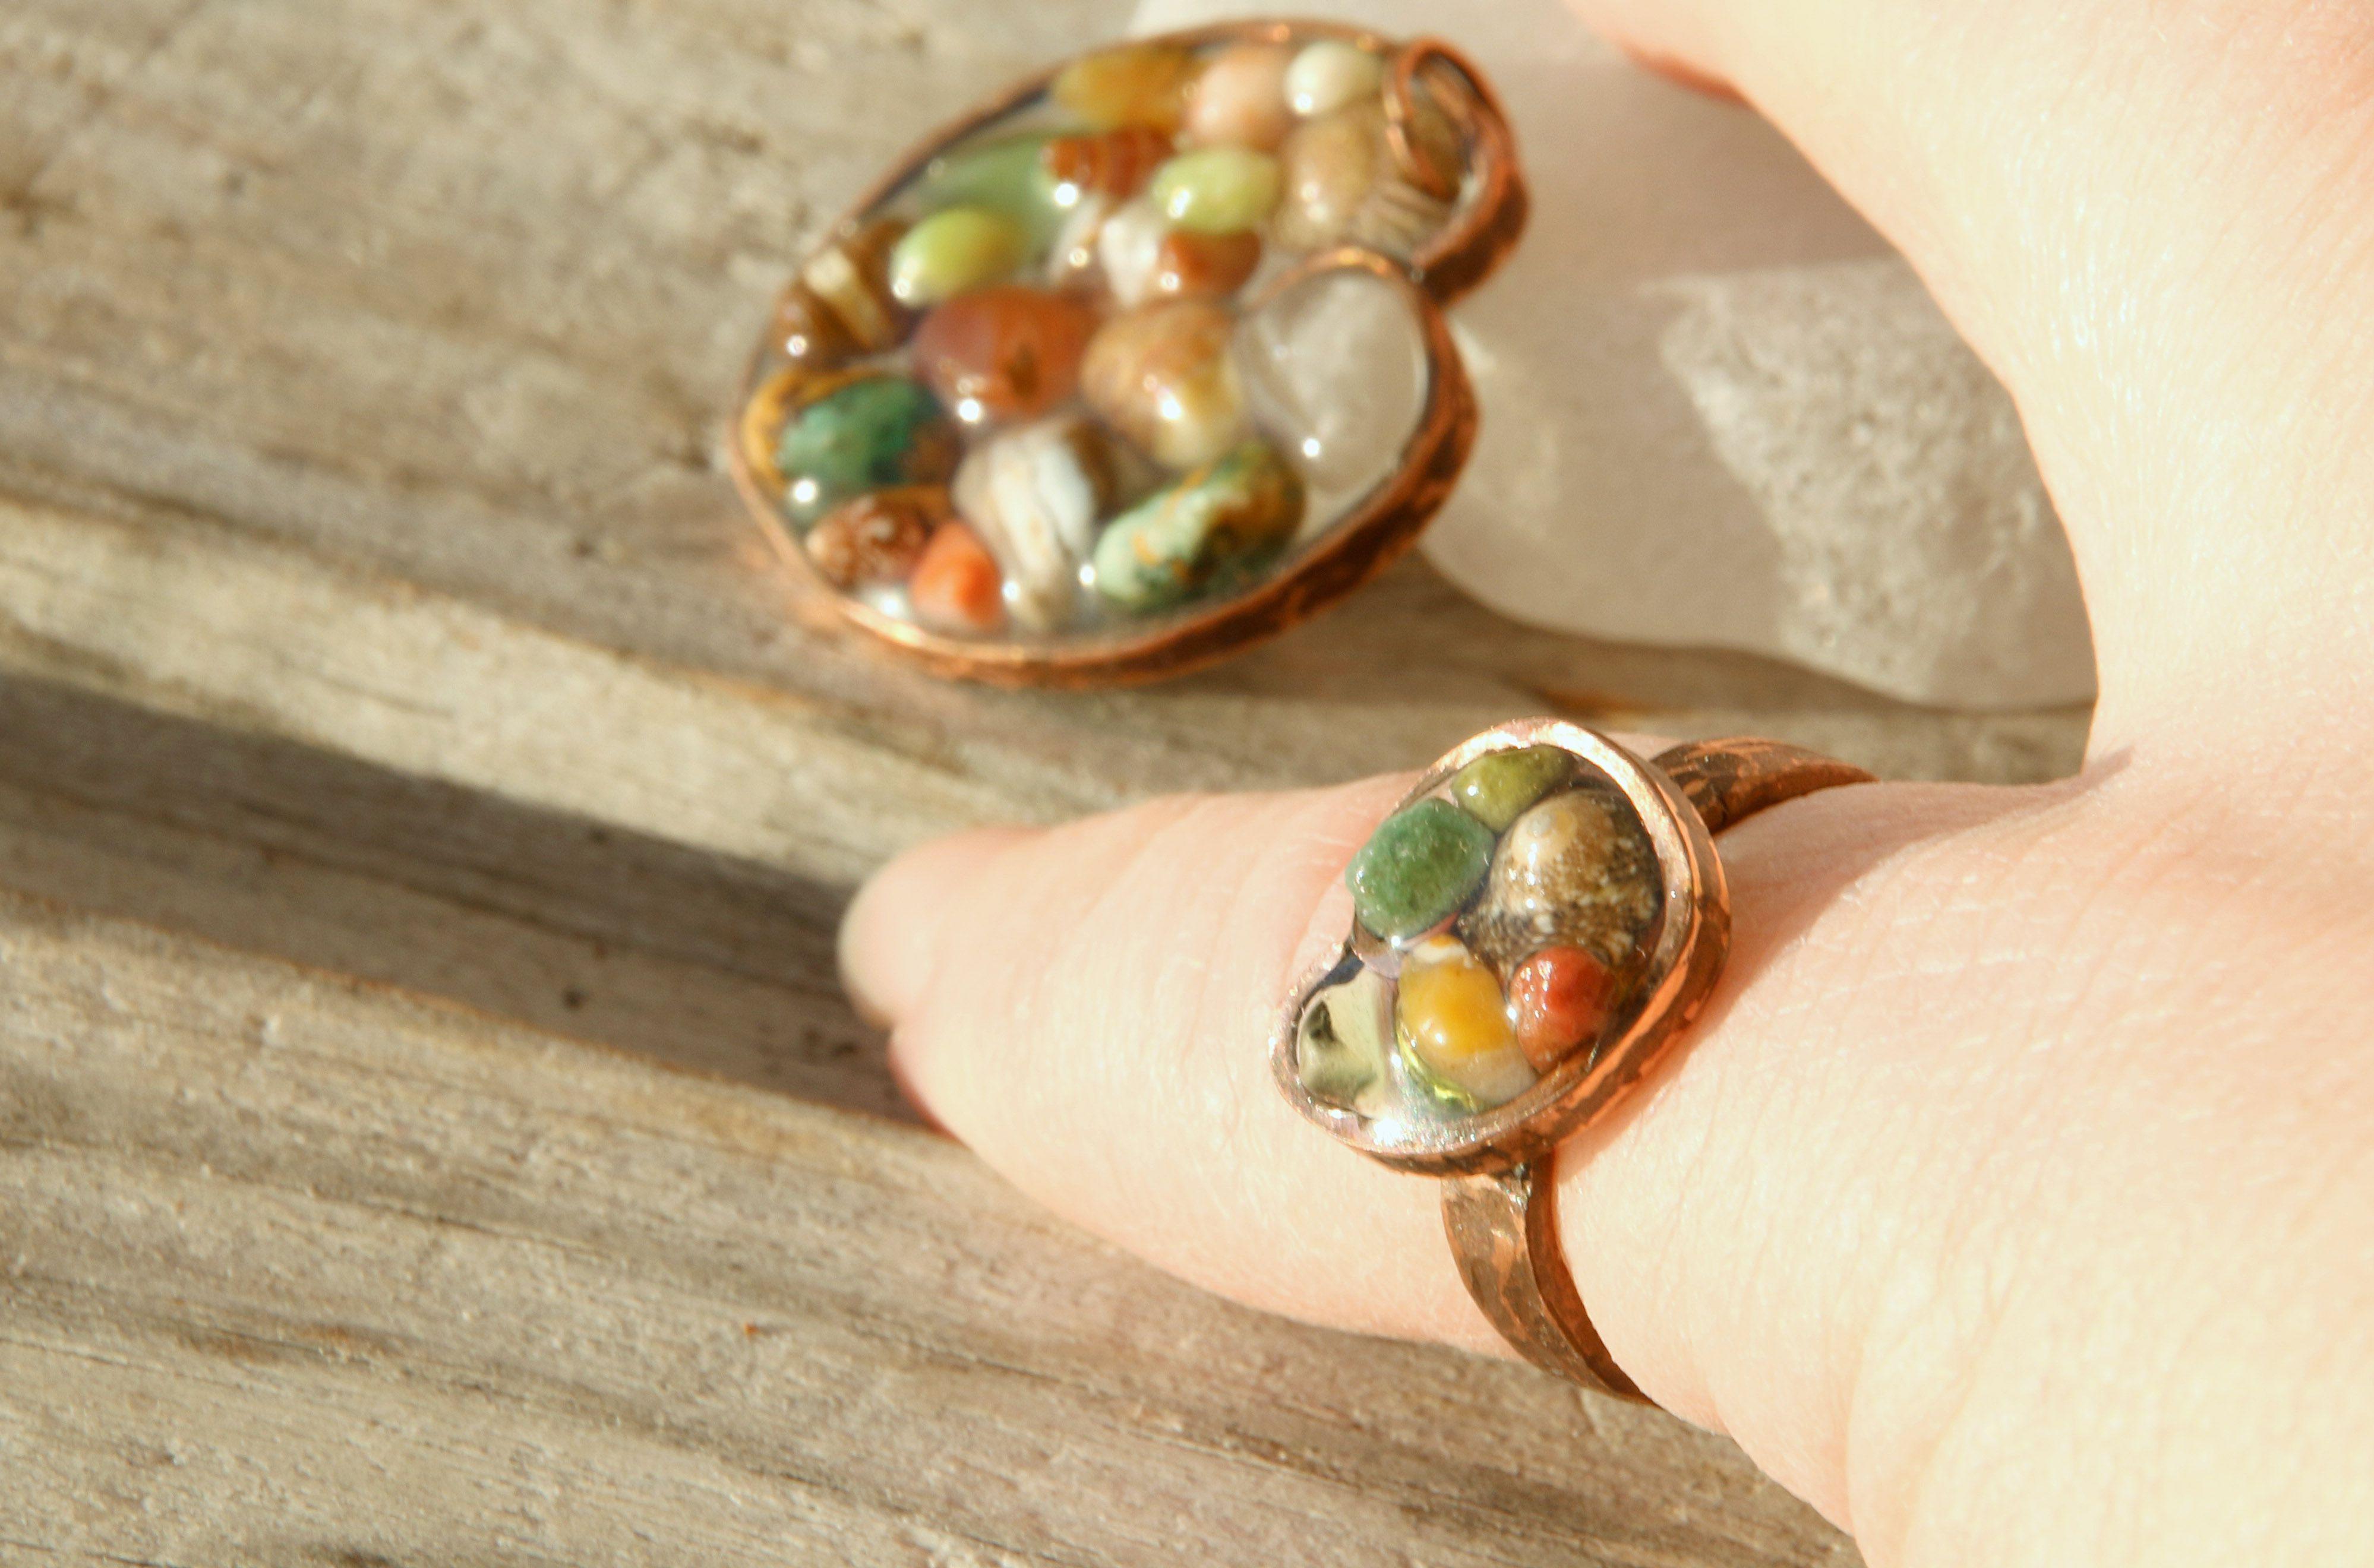 песок галька цветной украшения авторские кольцо морской сердечко натуральные комплект медный прозрачный кулон берег